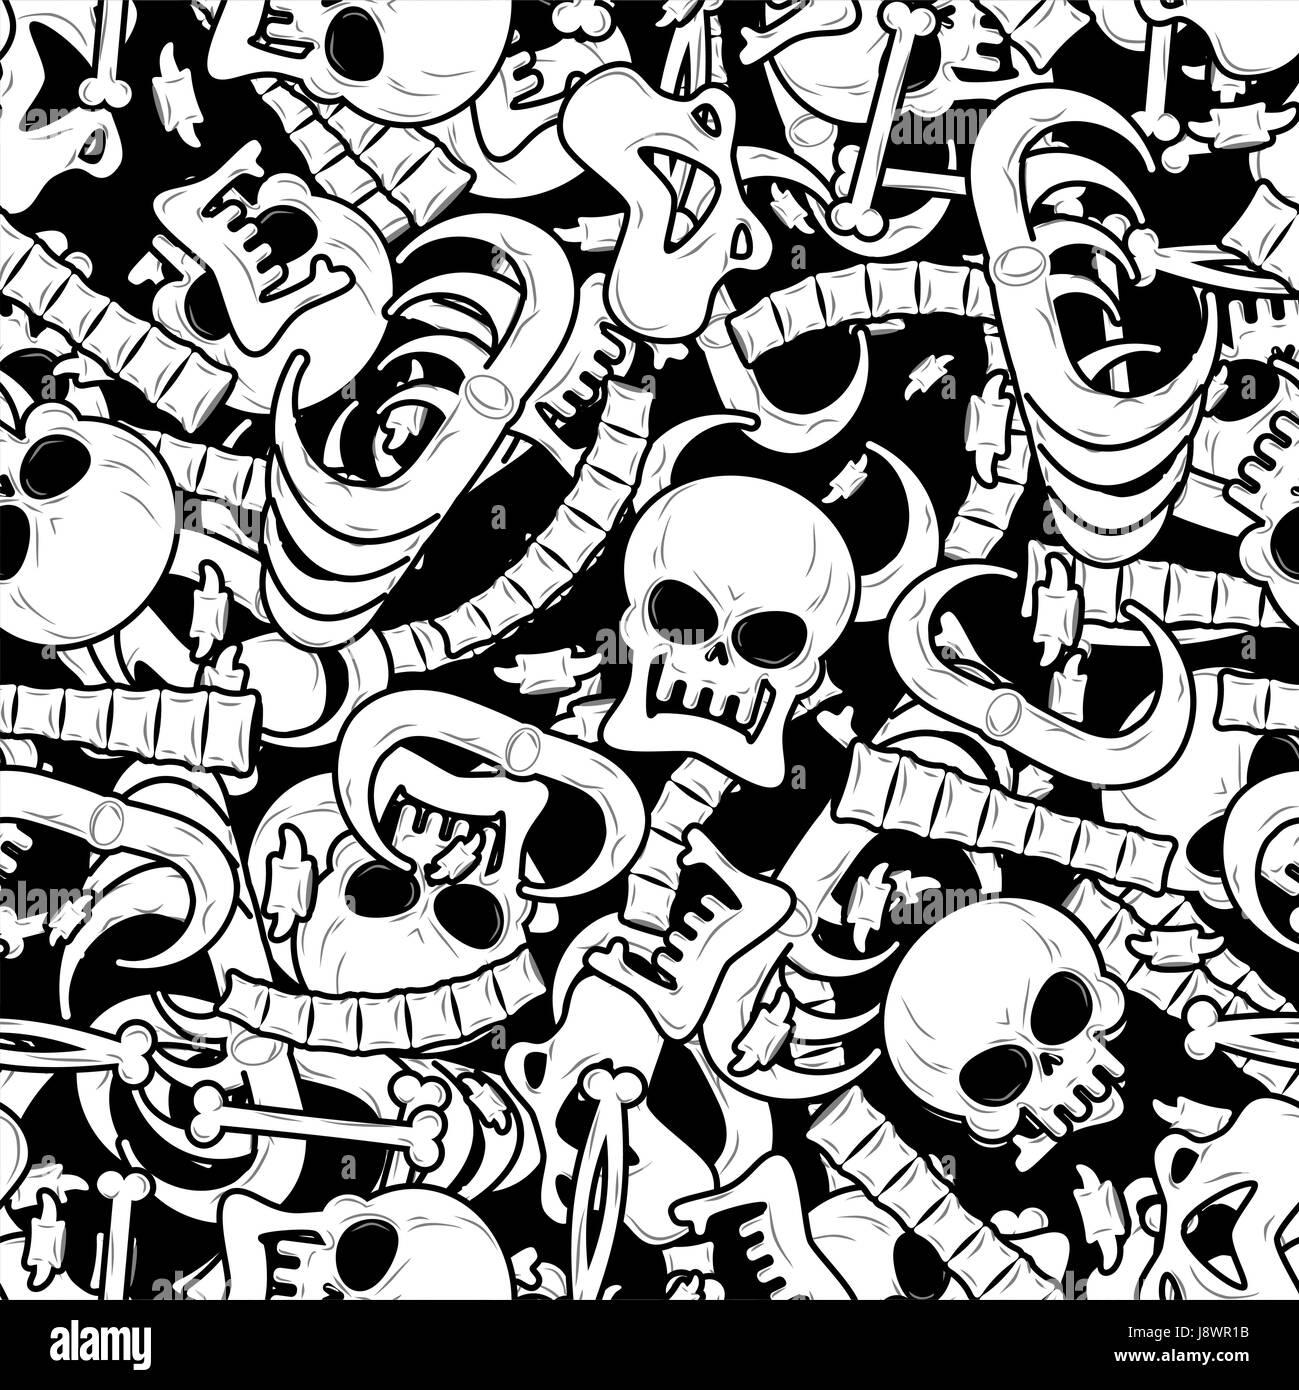 Nahtlose Muster Knochen. Skelett Hintergrund. Totenkopf Schmuck ...